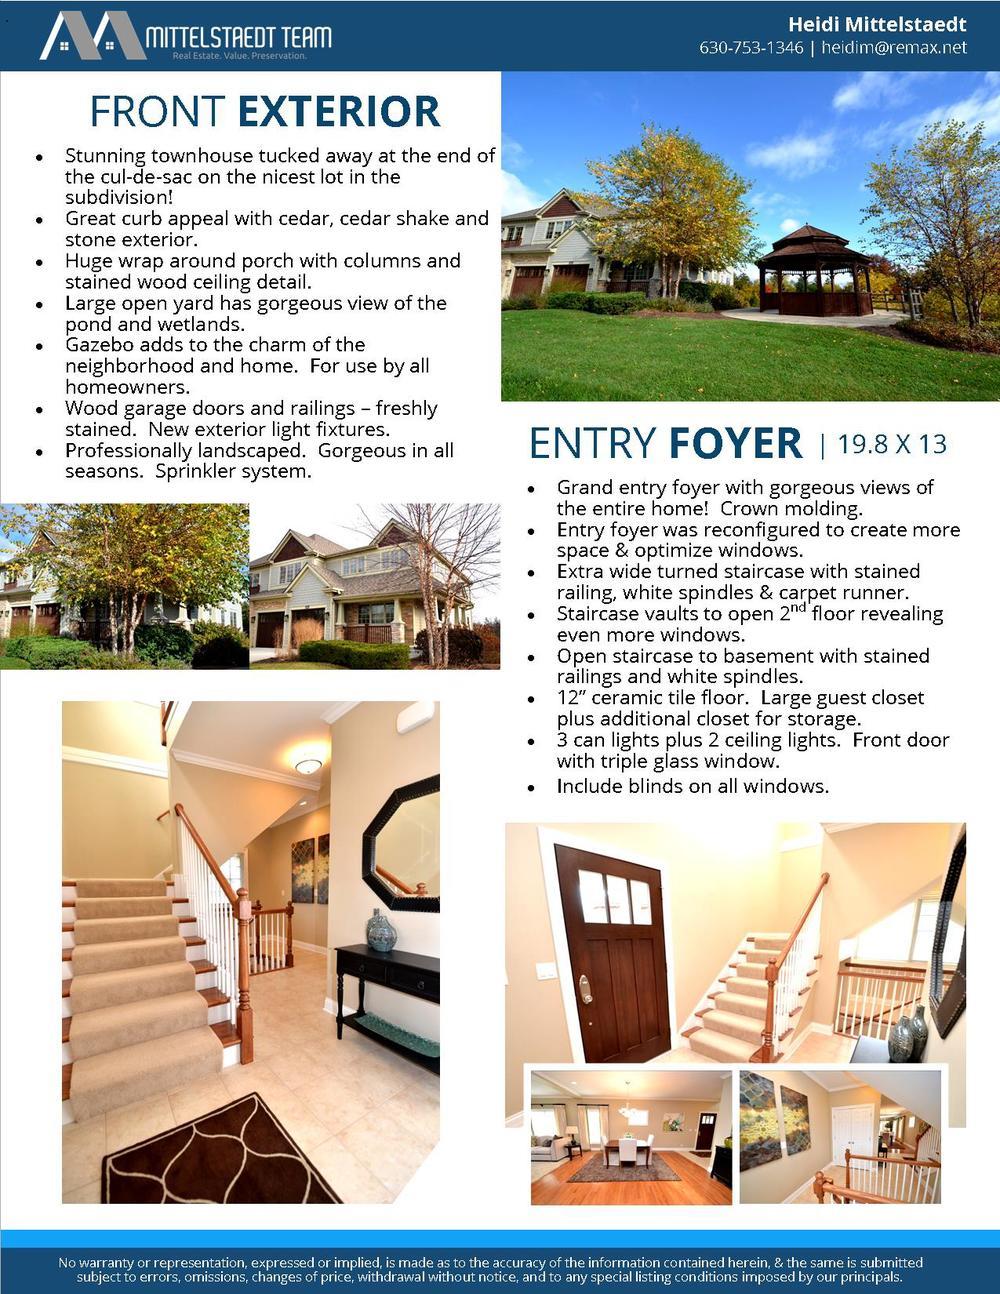 print work presentation design pitch decks print work real estate property listing design real estate listing flyer